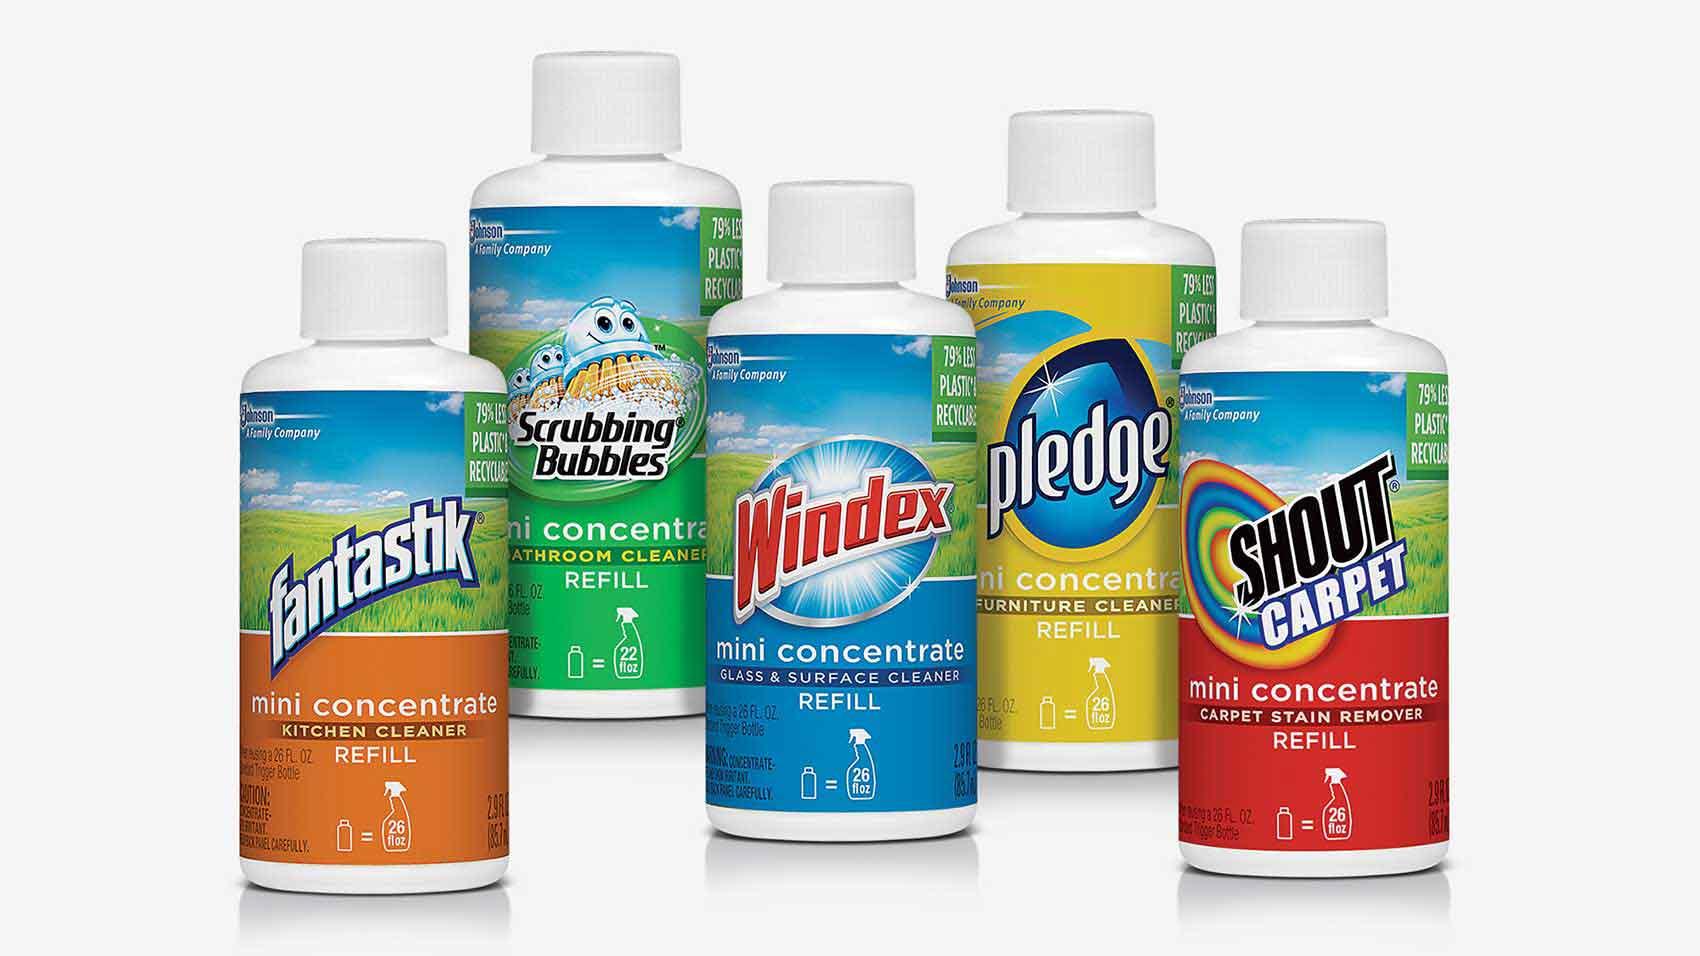 Recarga scrubbing bubbles, ou bolhas que esfregam